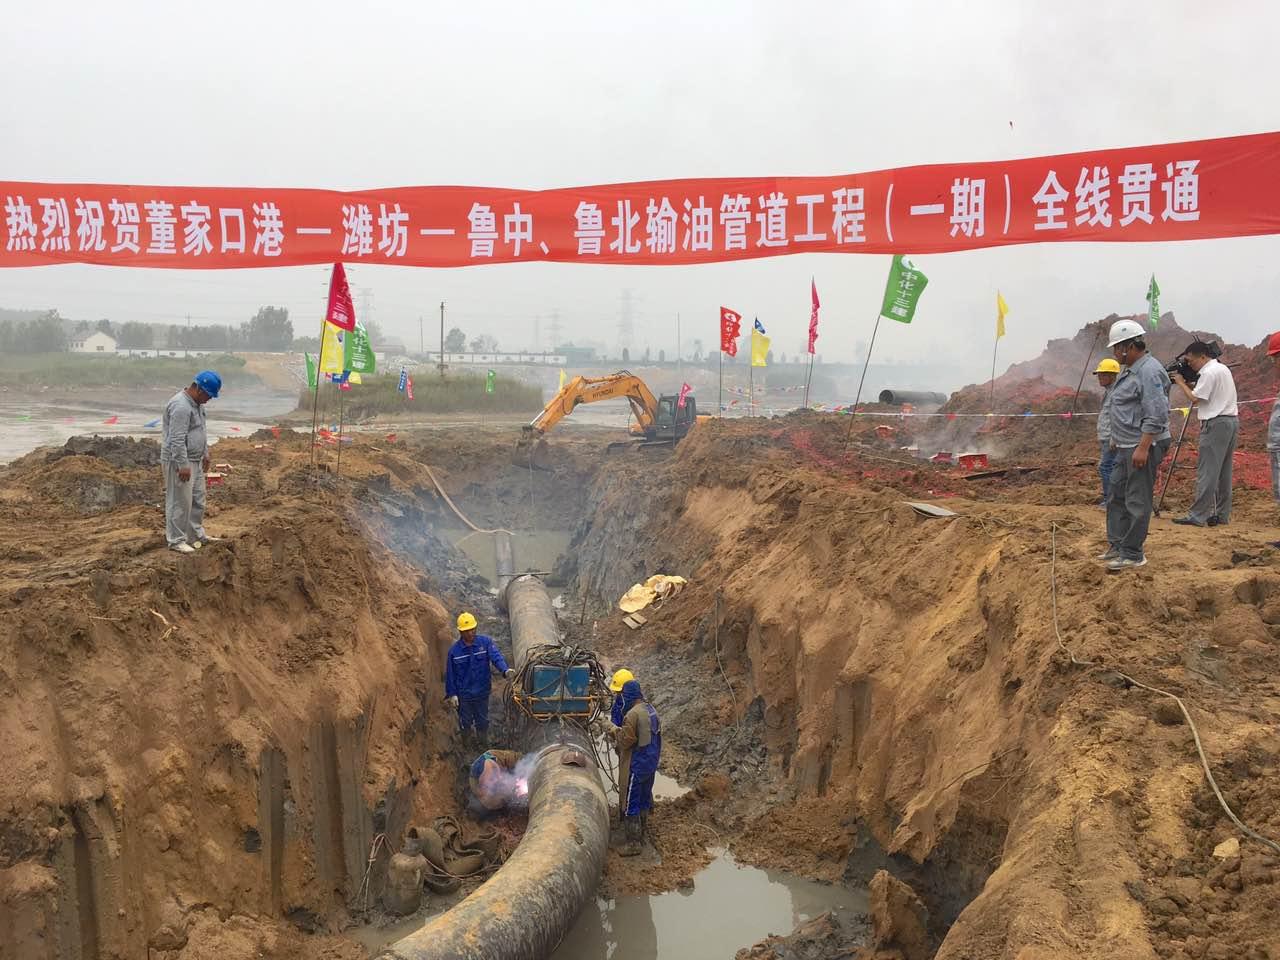 青岛港董家口港-潍坊-鲁中,鲁北输油管道一期工程全线贯通